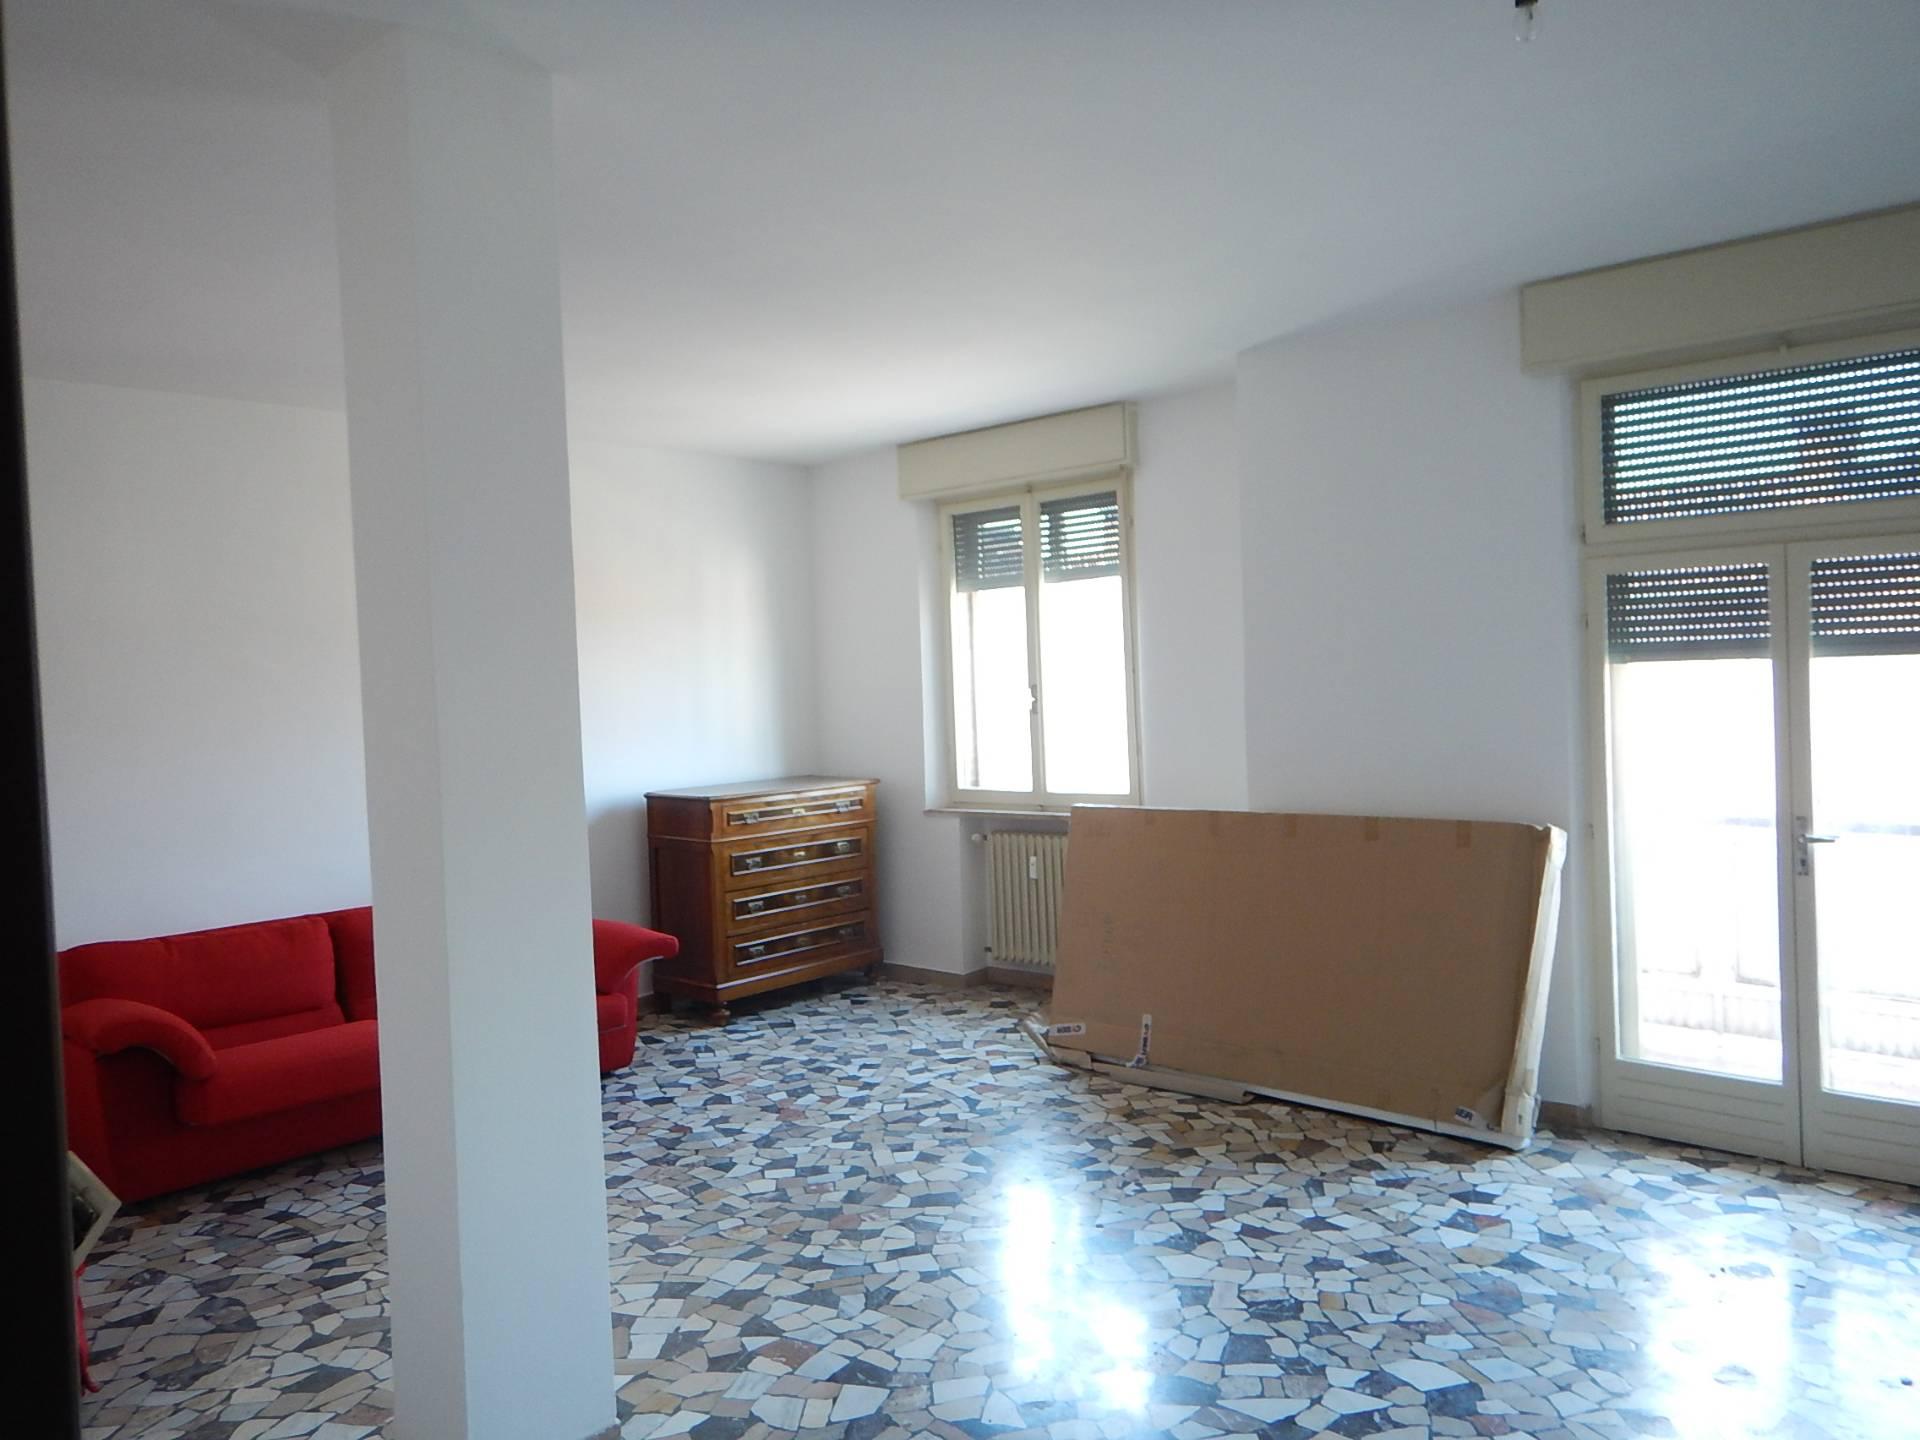 Appartamento in affitto a Ferrara, 4 locali, zona Località: FuoriMura-ZonaEst, prezzo € 550 | Cambio Casa.it